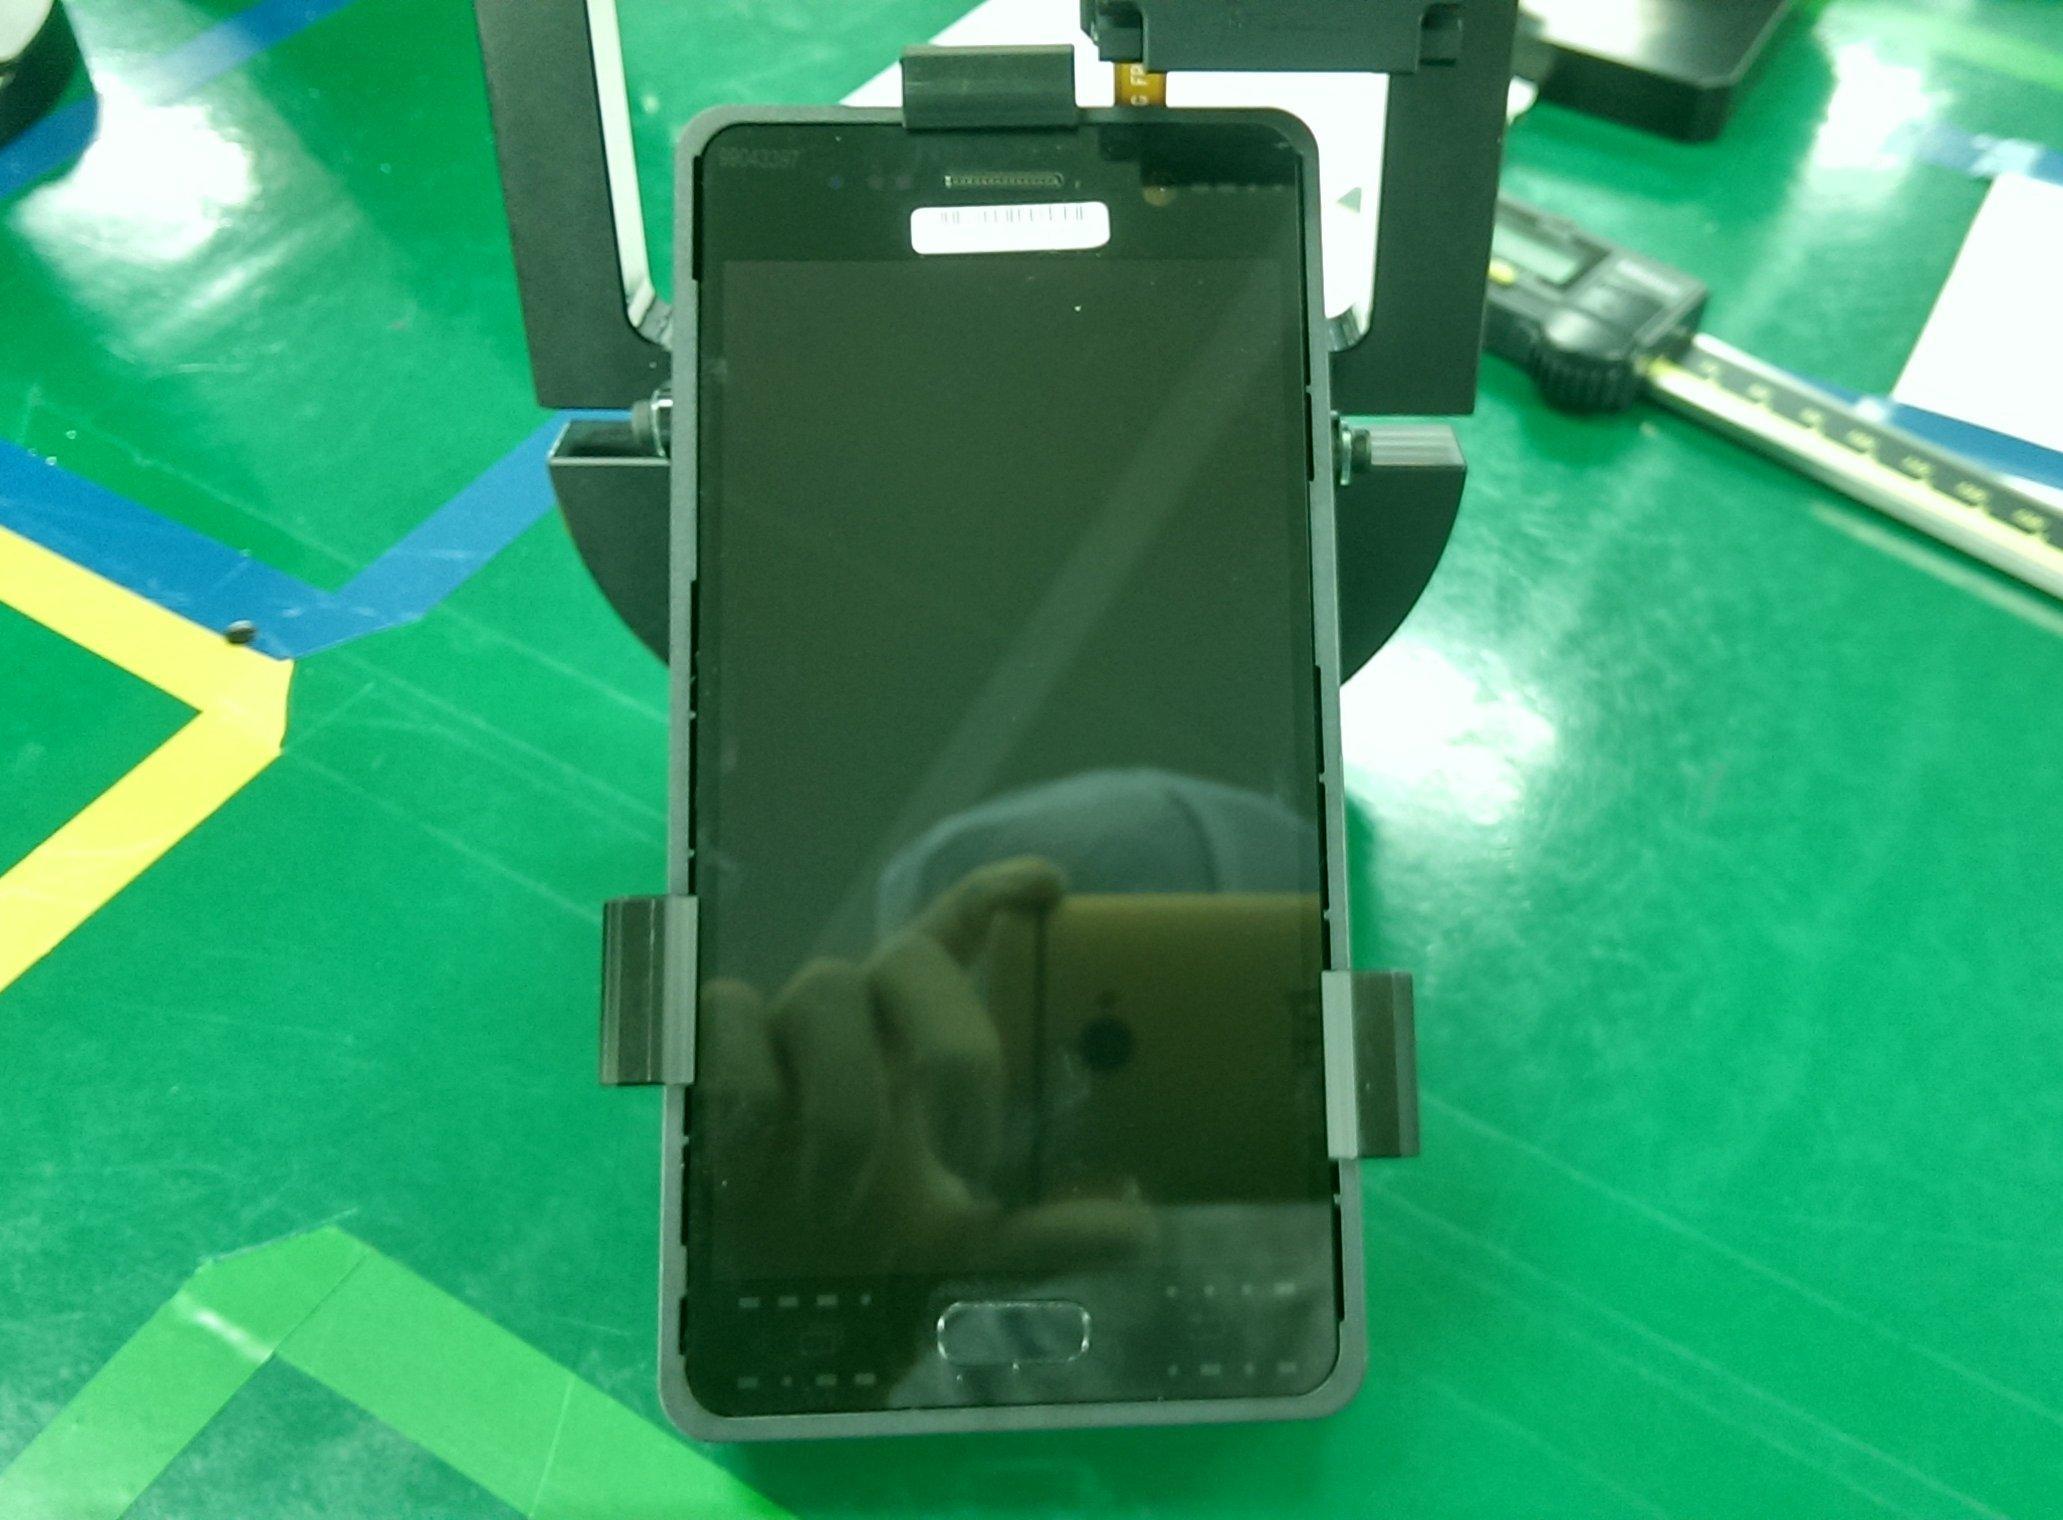 Galaxy S7'nin ön kamerası ve ekran yüzeyi sızdırıldı_002